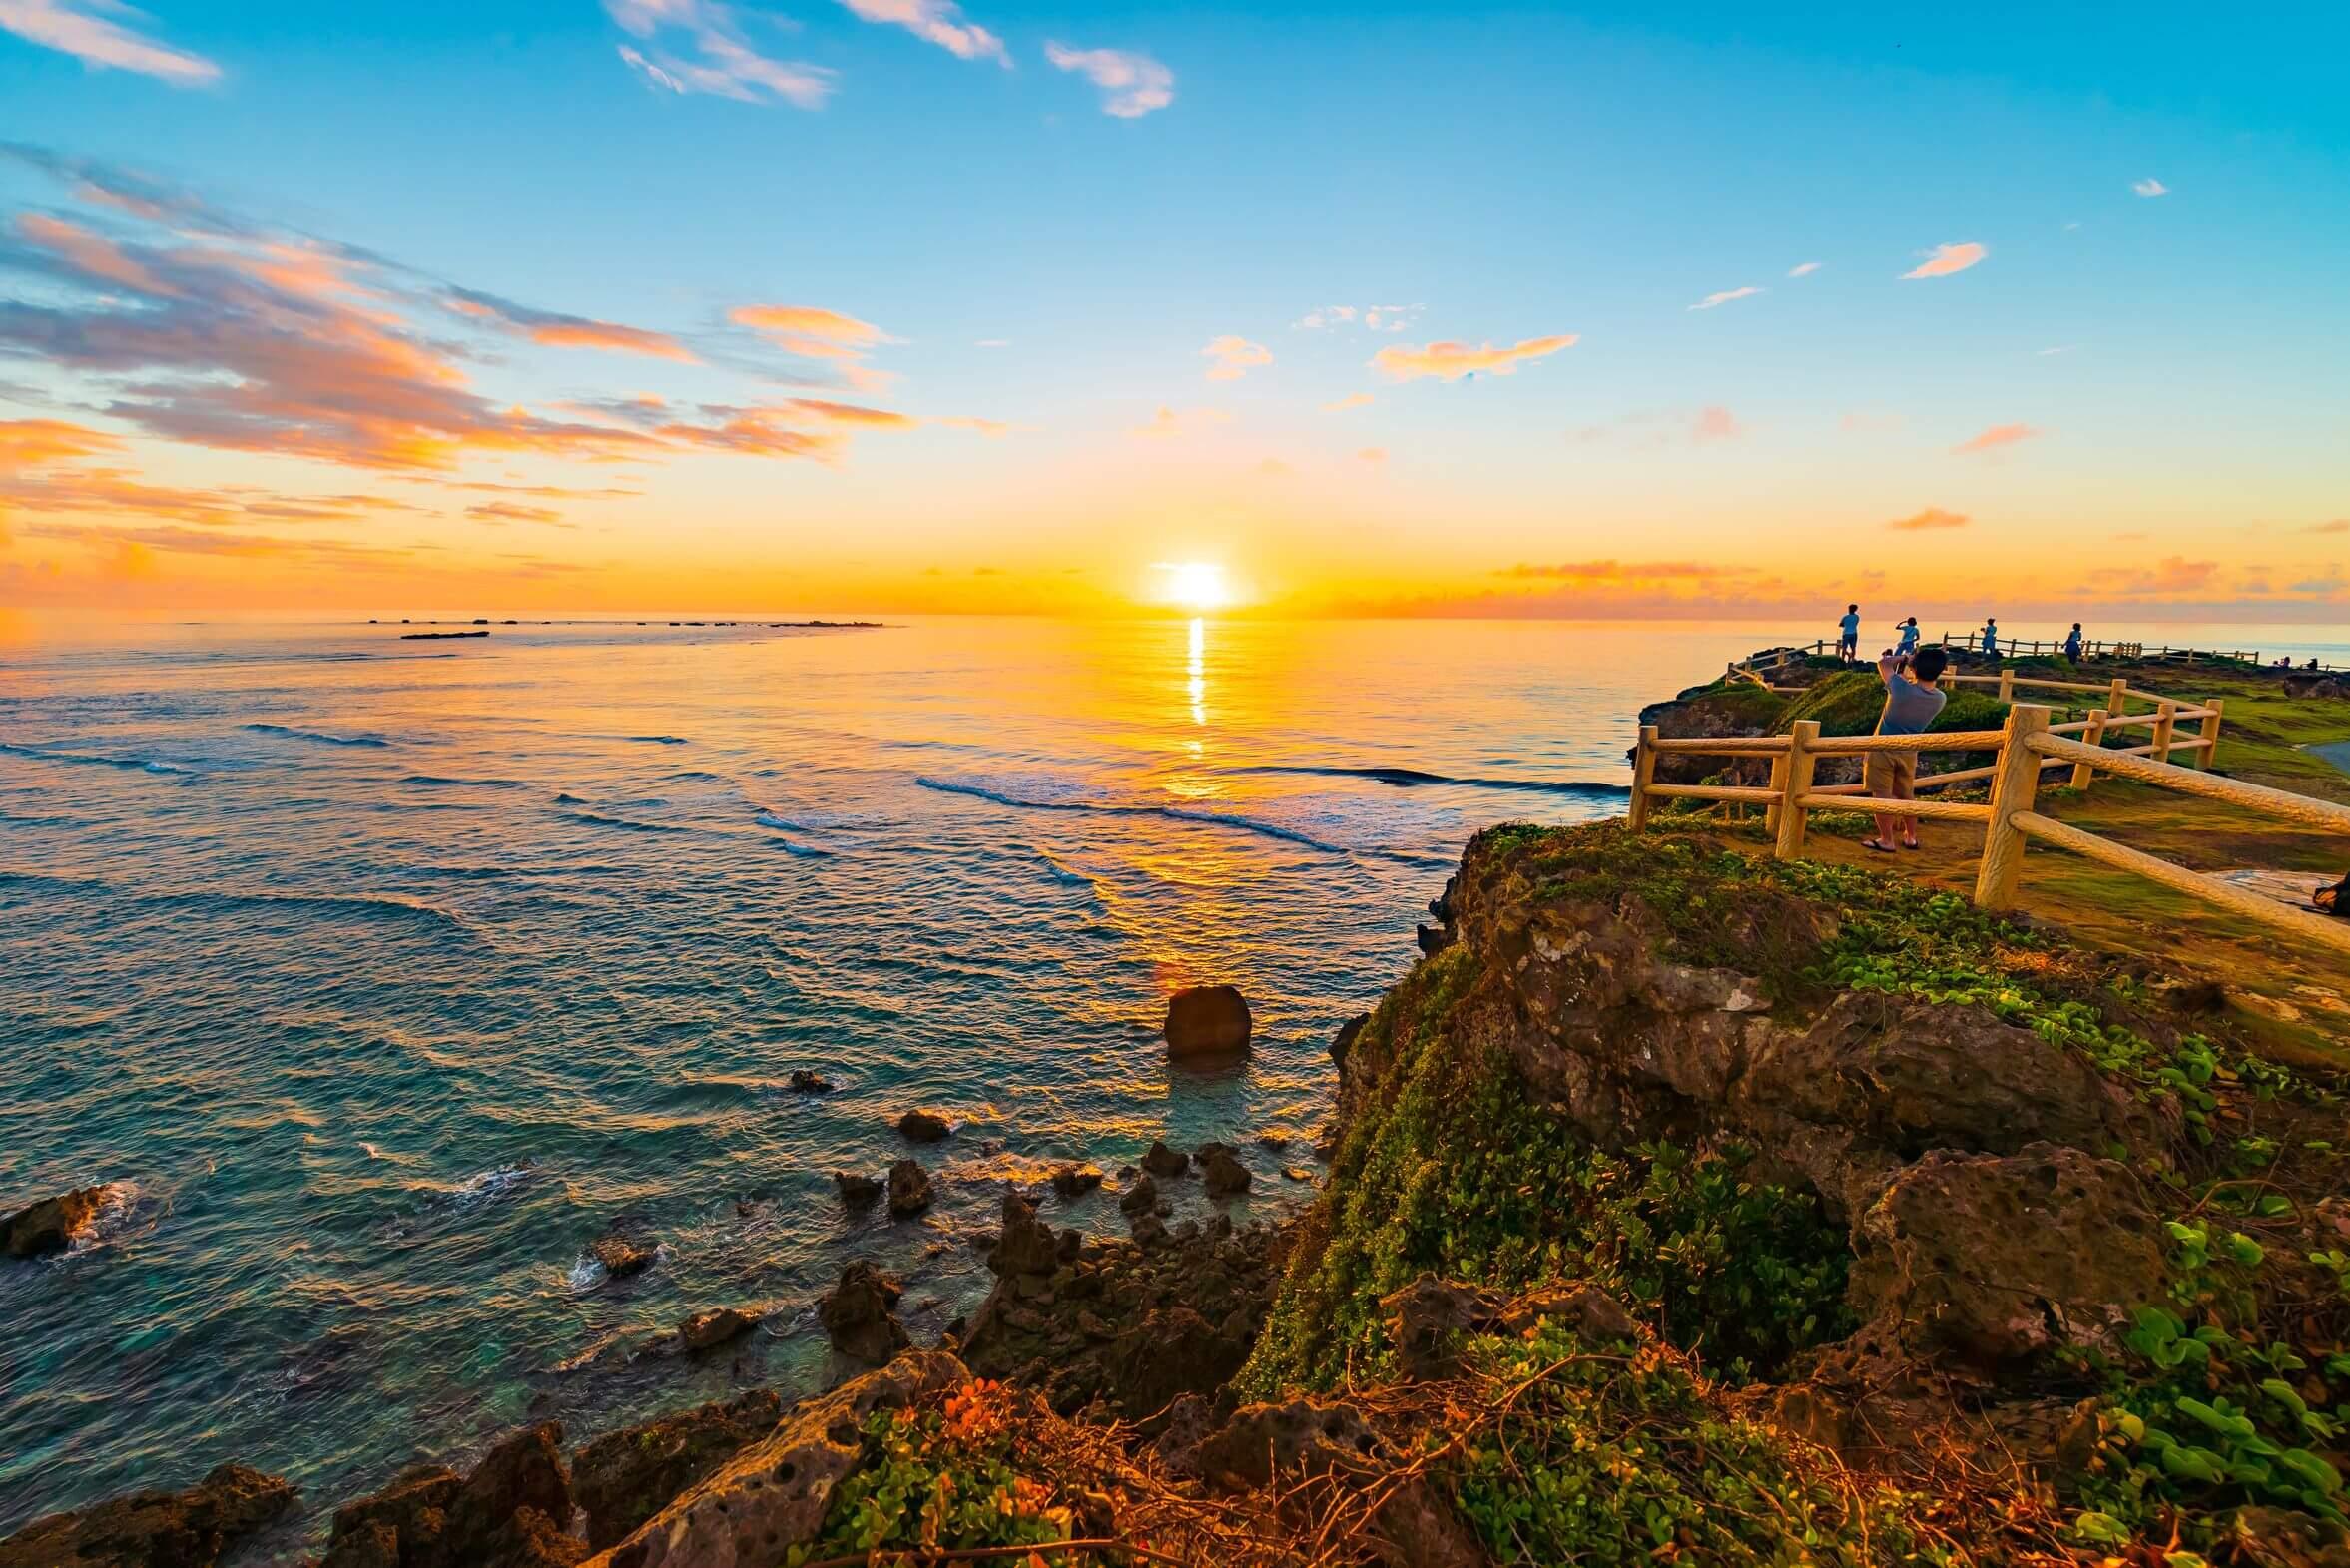 日本冲绳3晚4日,北京直飞,一日自由活动,全程当地四星级酒店,全程无购物,无自费